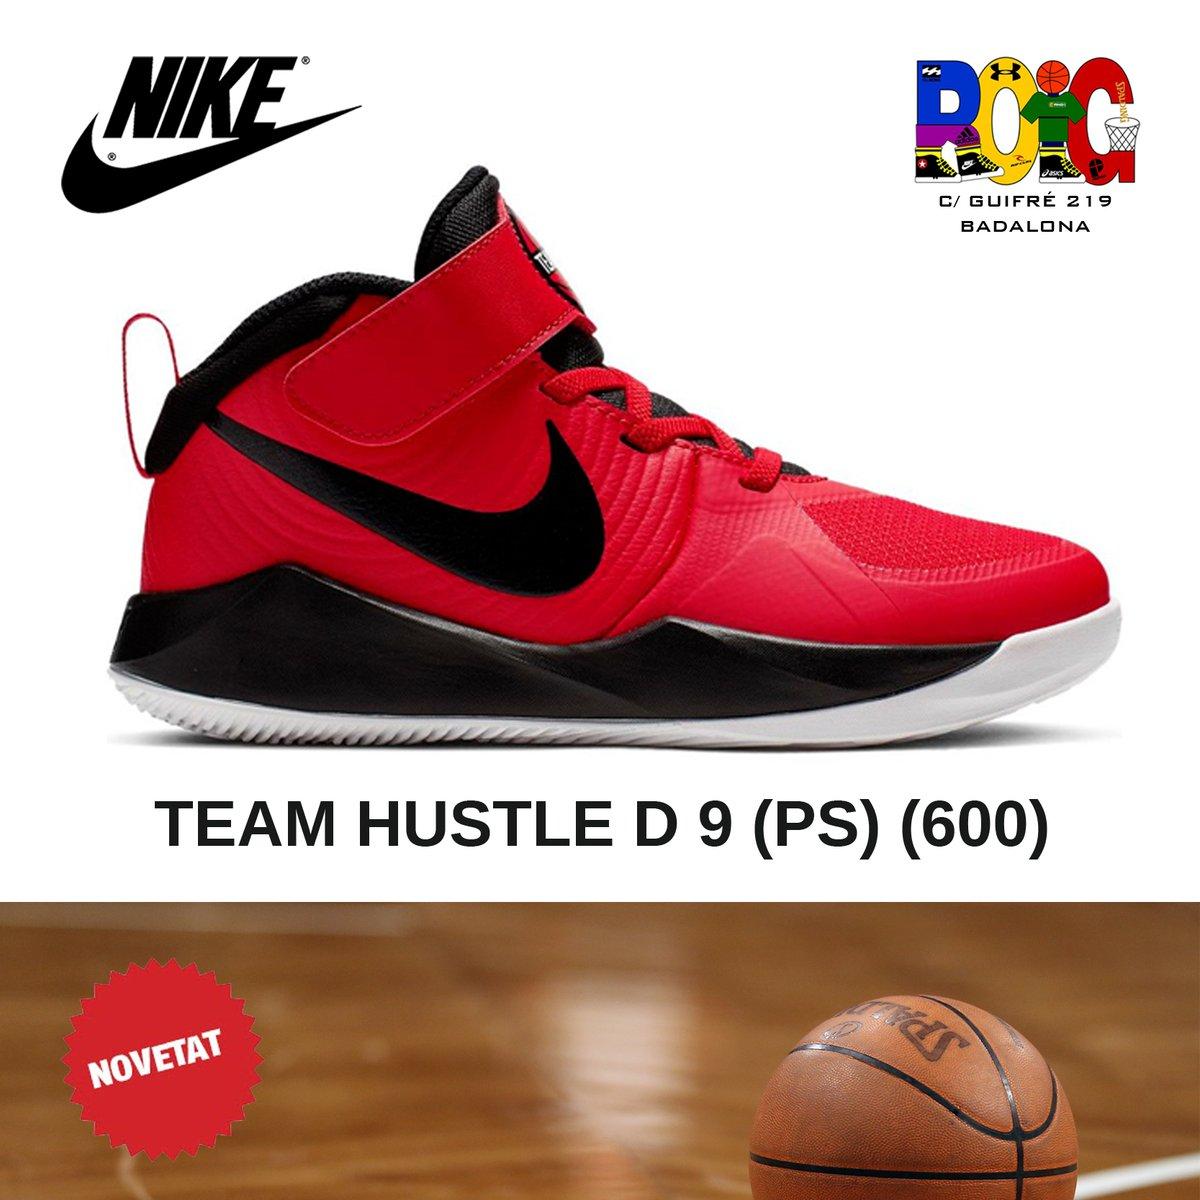 📢 NOVETATS en vambes 👟 de bàsquet 🏀️ junior: les Nike TEAM HUSTLE D 9 (PS) (600) Disponibles a la botiga o a la web 💻 en https://t.co/s4C7PKiS4n #nike #bàsquet #jordiroig #badalona https://t.co/BYjxYZJ0IS